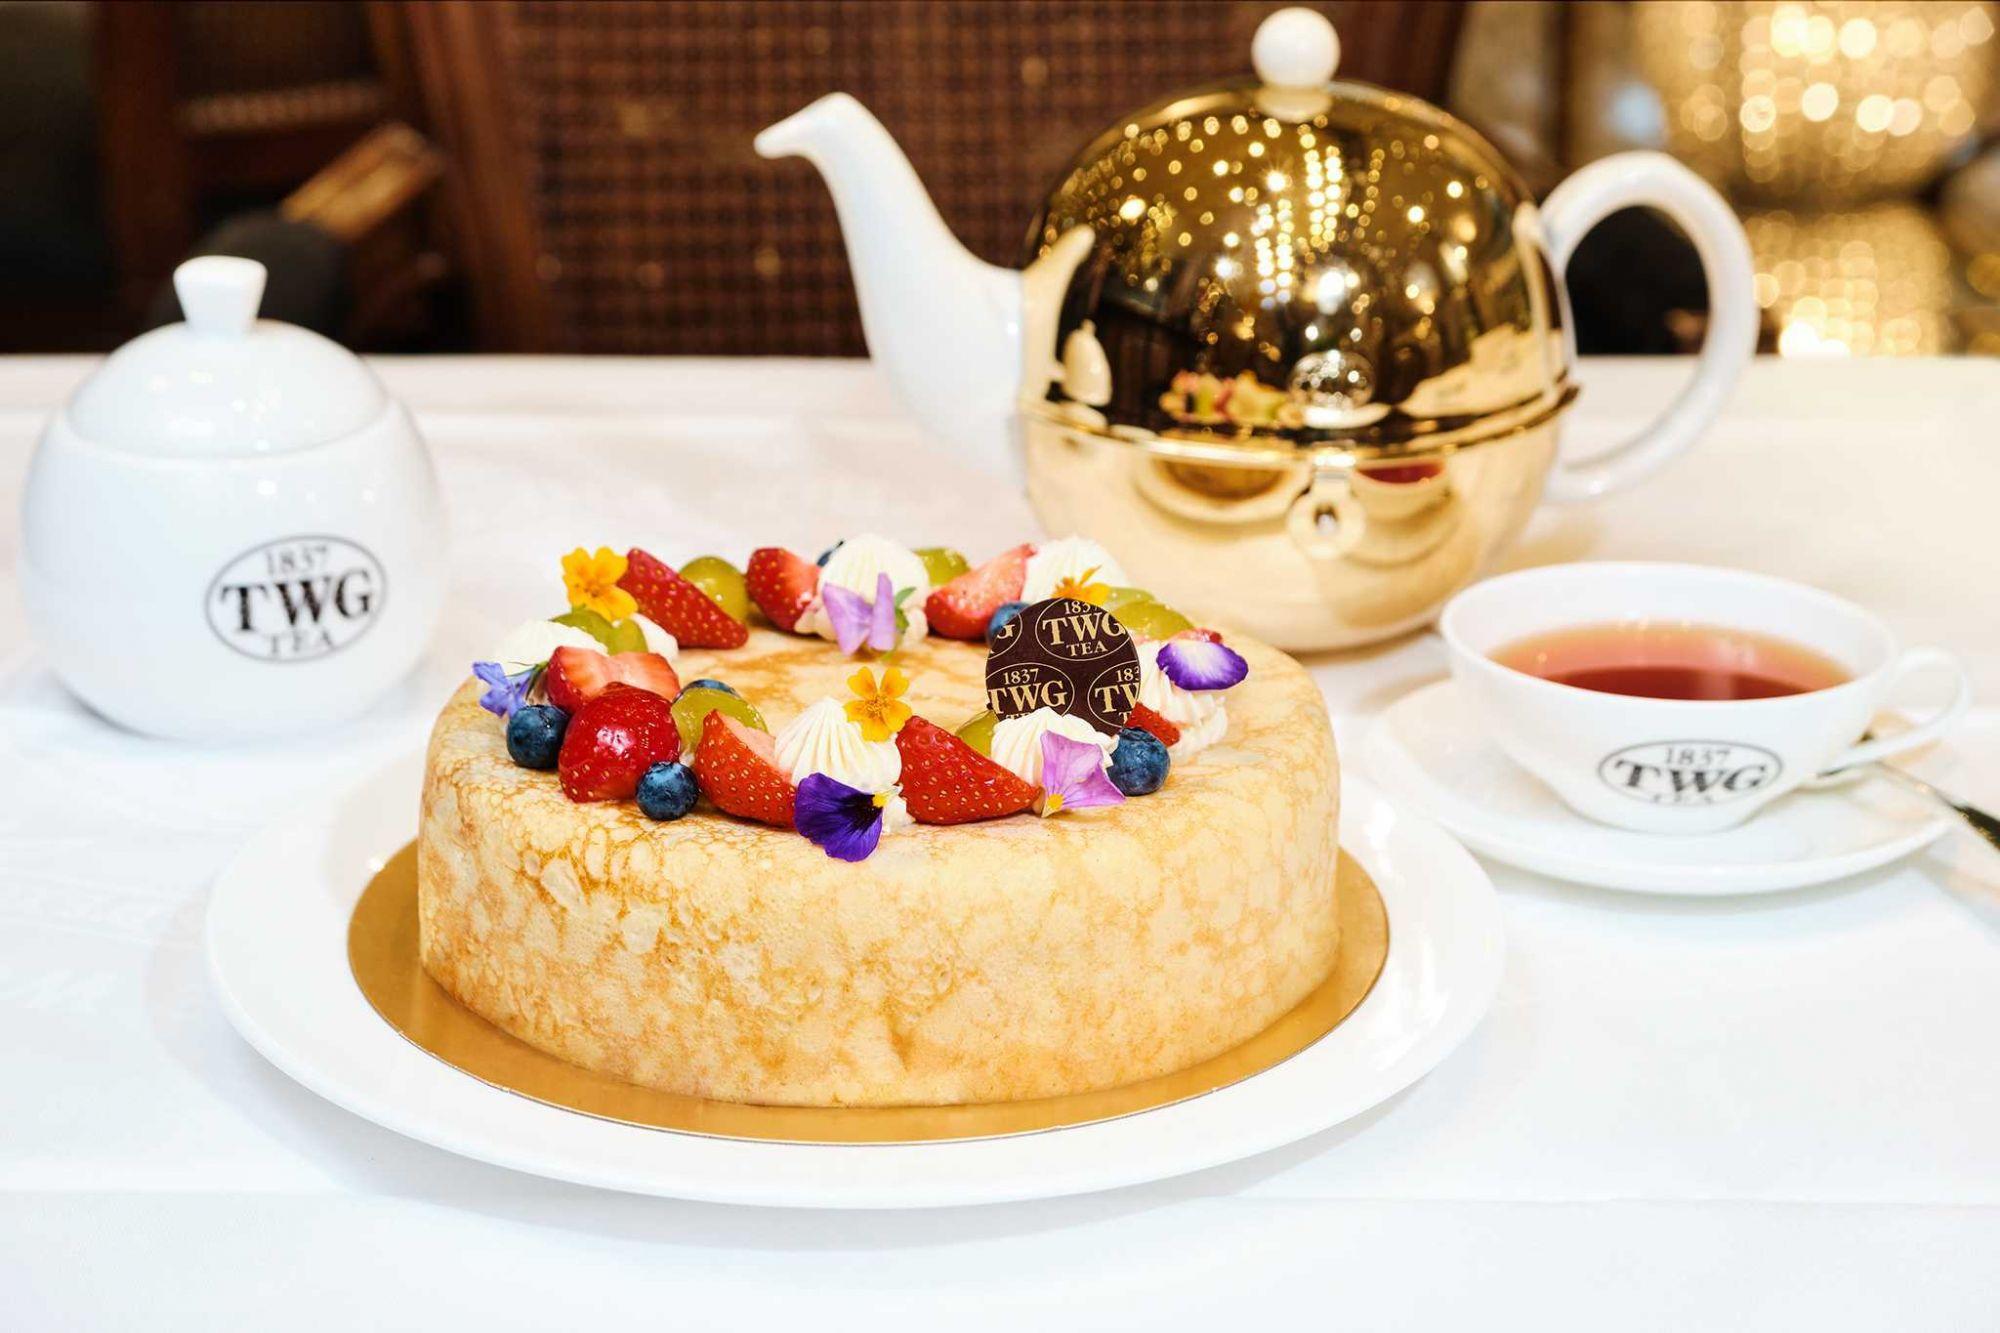 TWG Tea法式波本香草紅茶奶油水果千層